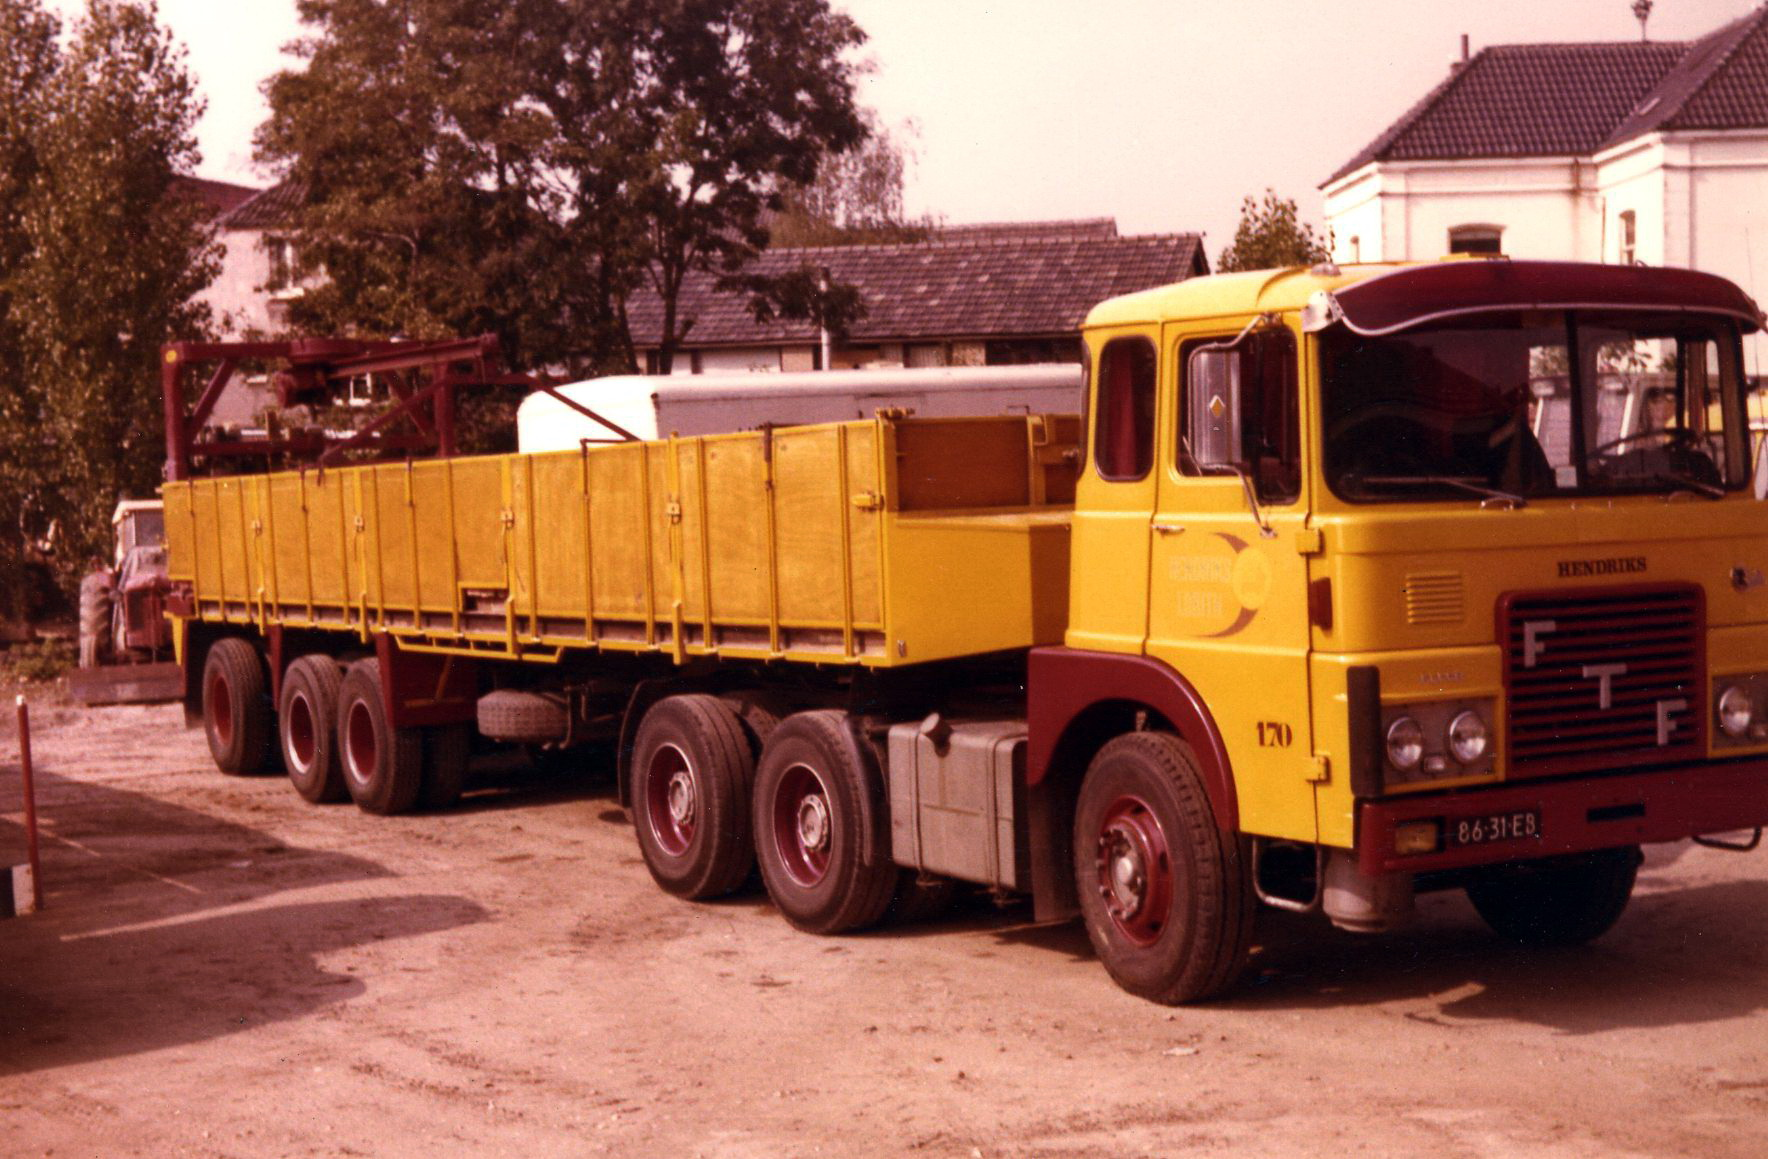 Hendriks-Lobith-FTF-F-7.26D-8631EB-ex-Berends-Arnhem